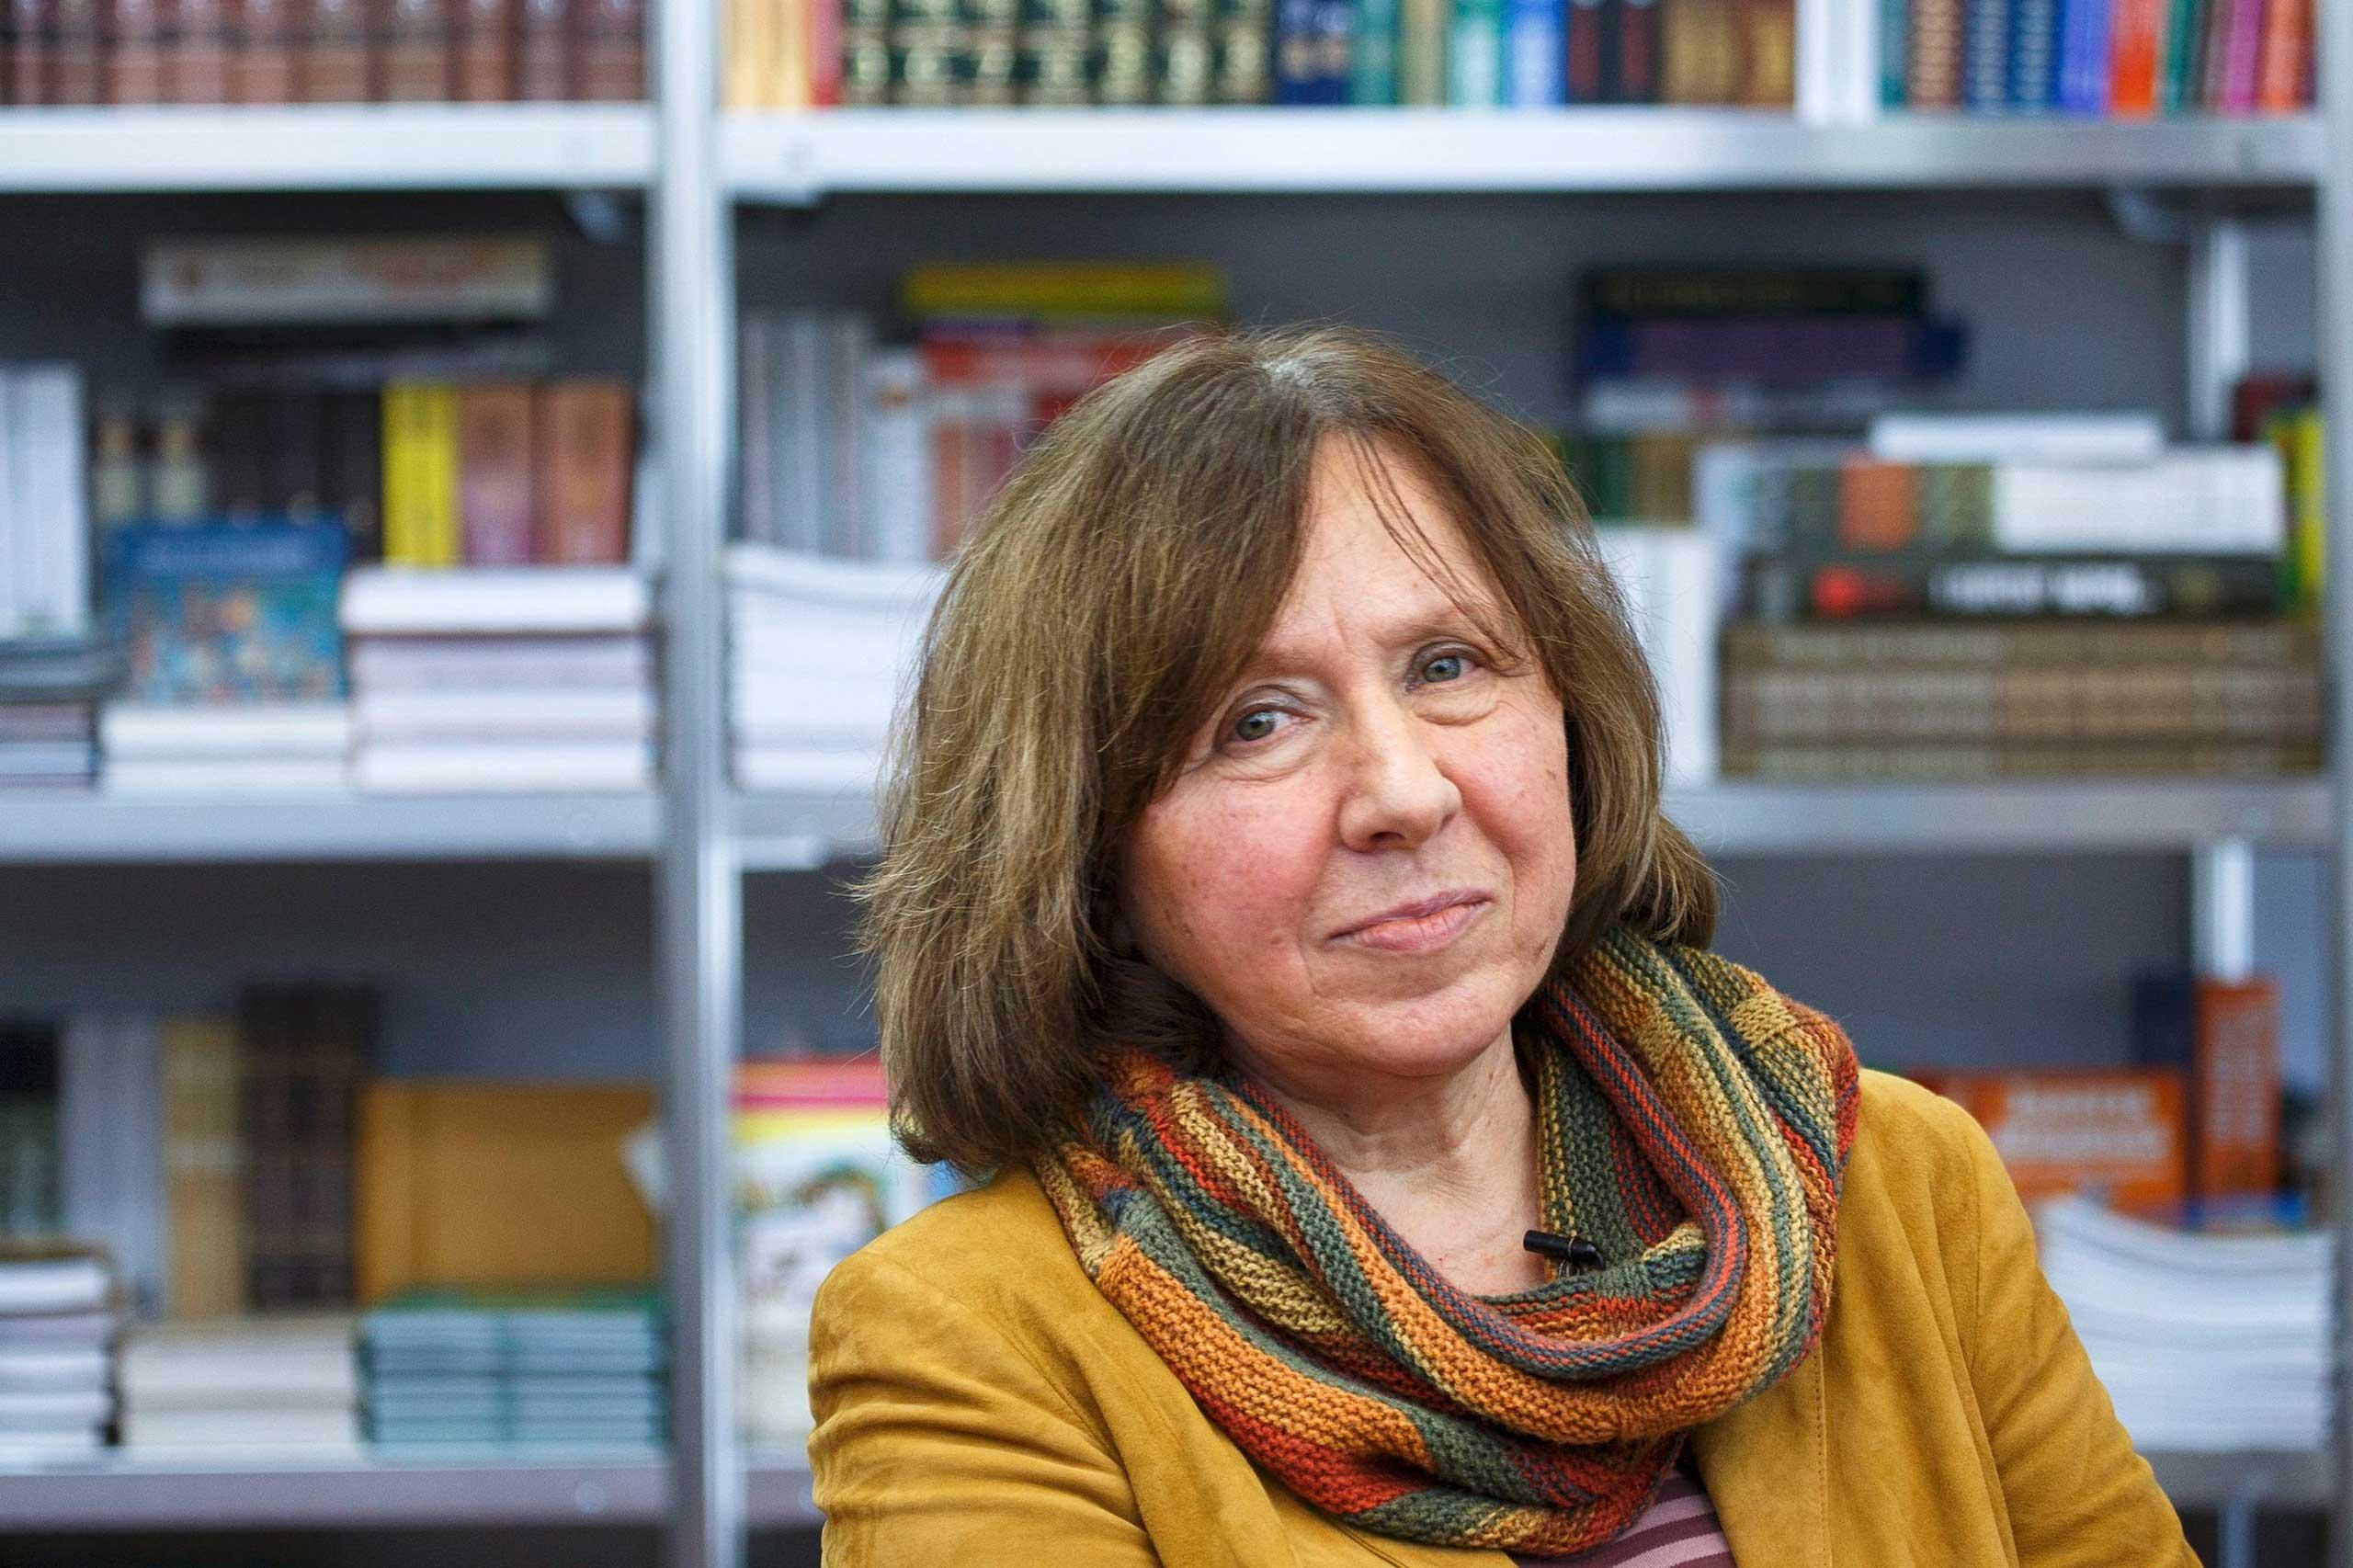 Svetlana Alexievich in Minsk, Belarus in 2014.